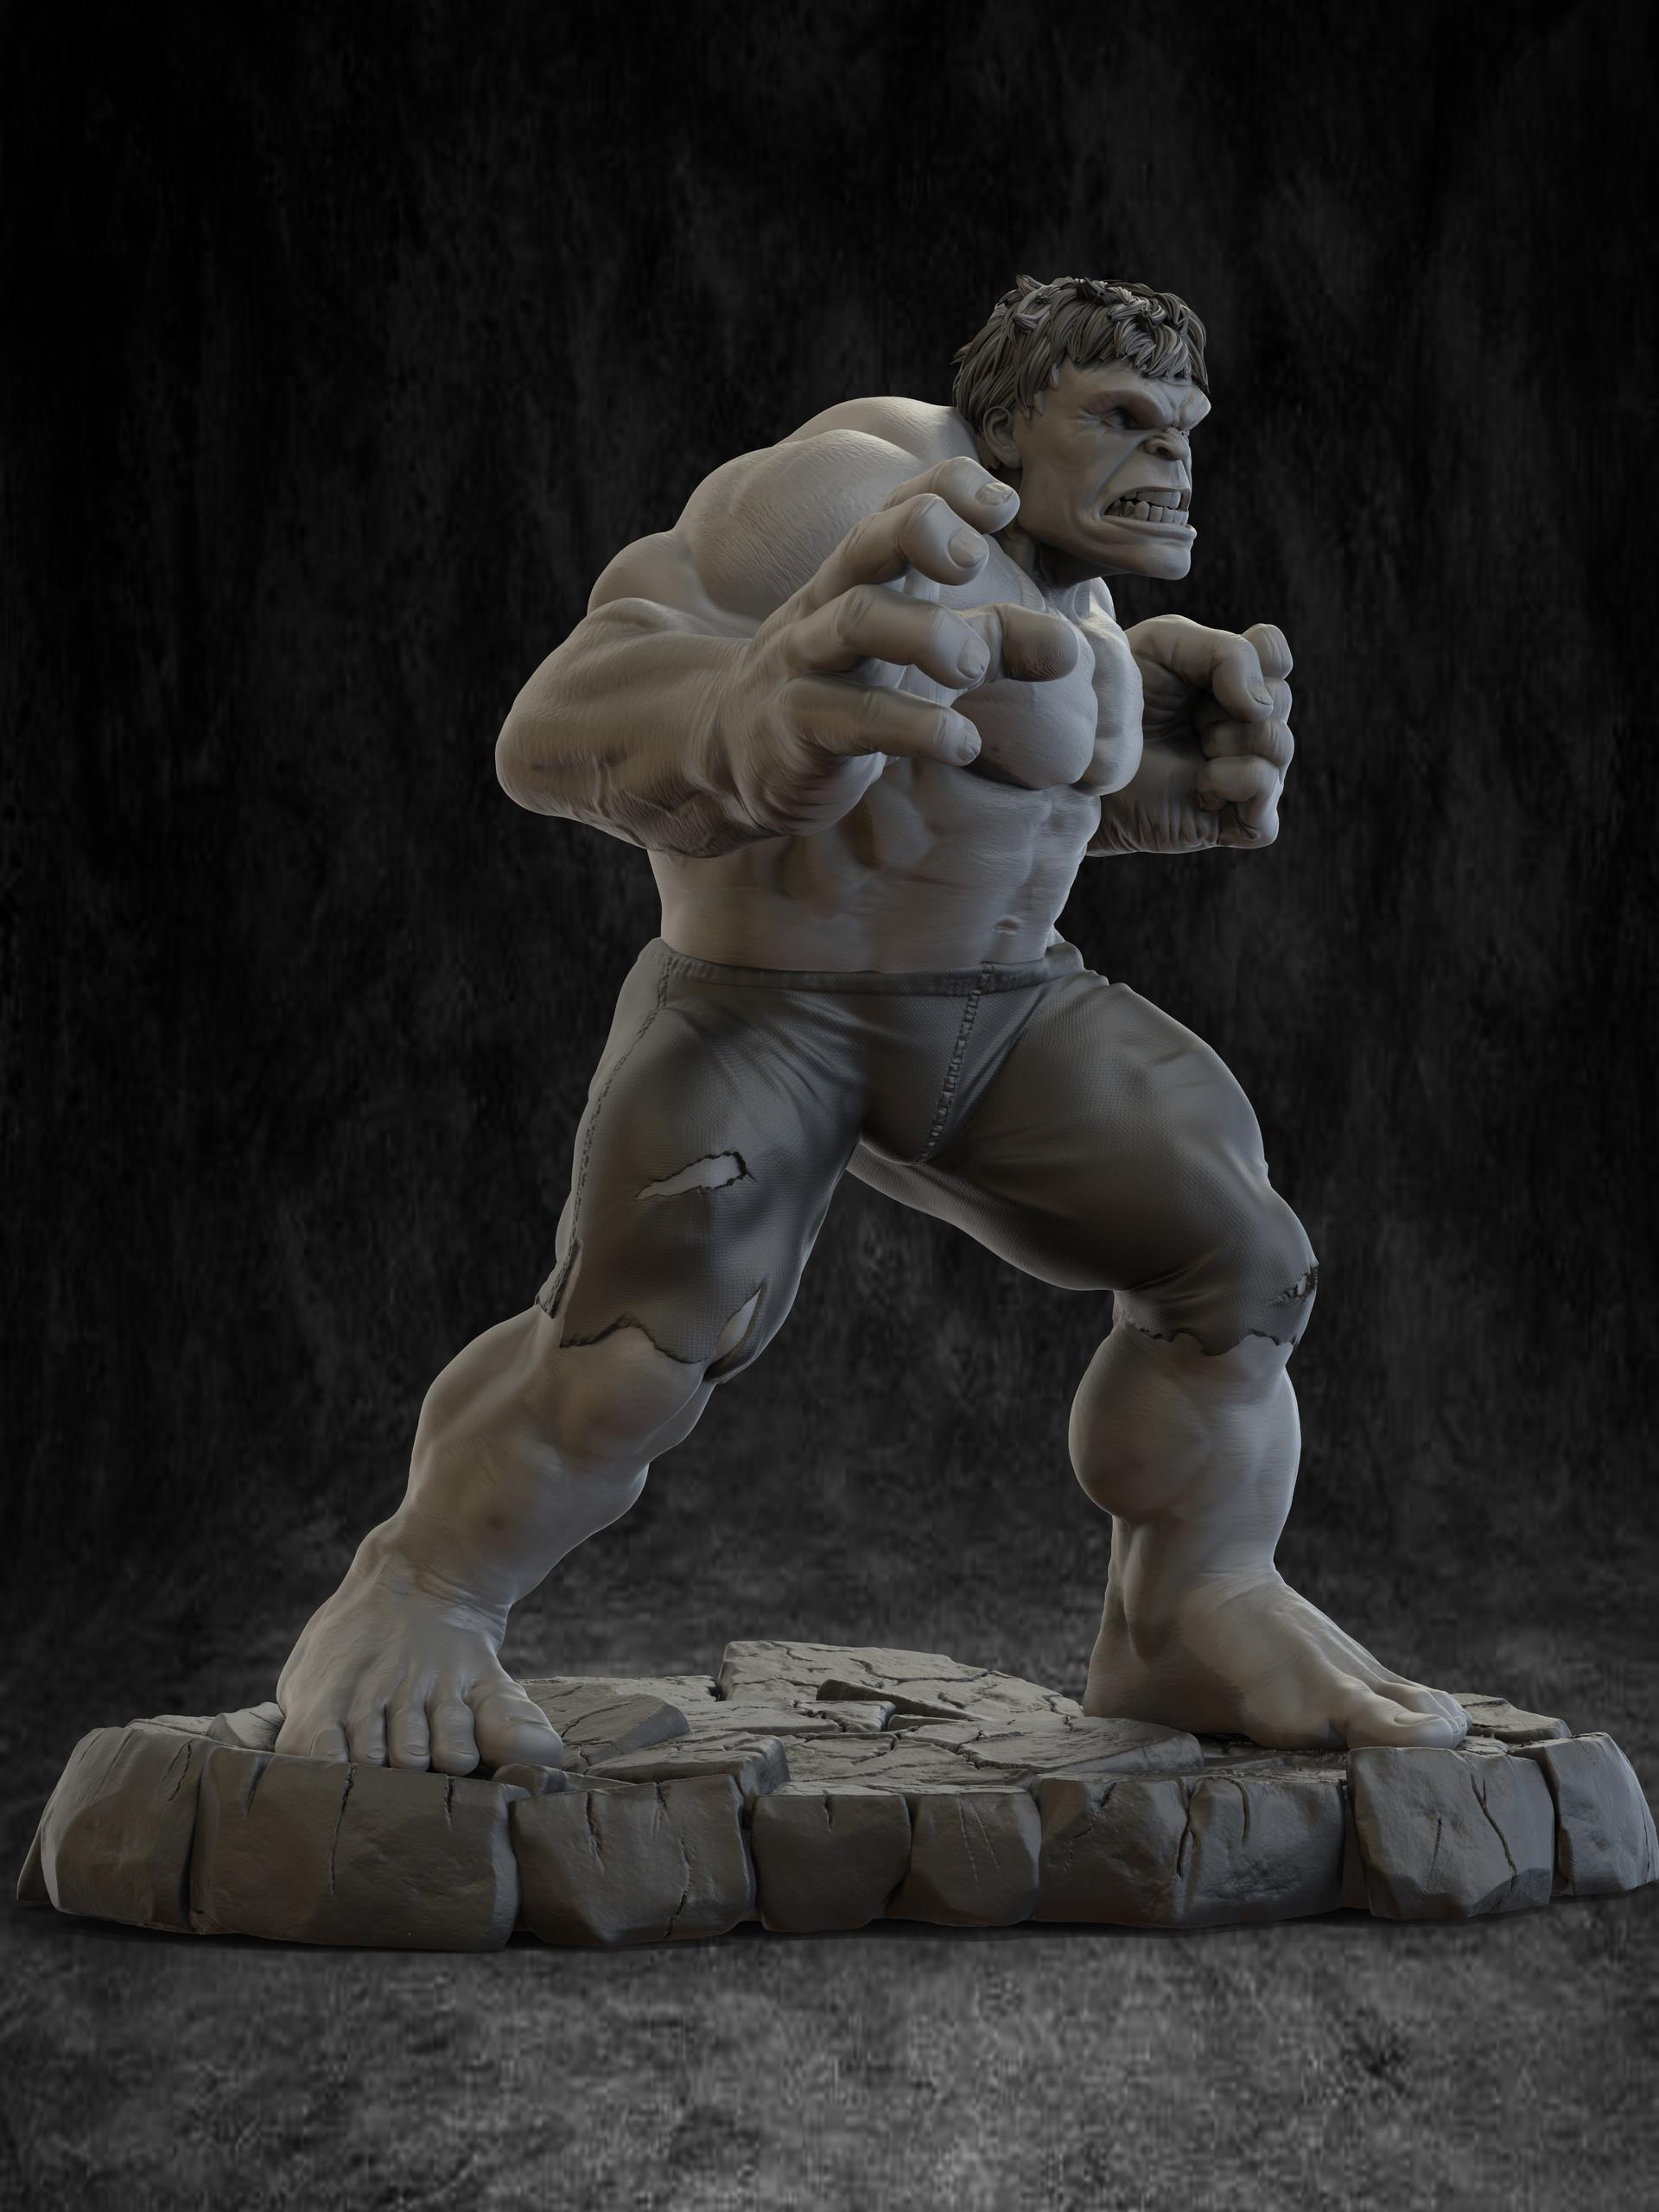 Will higgins hulk 05